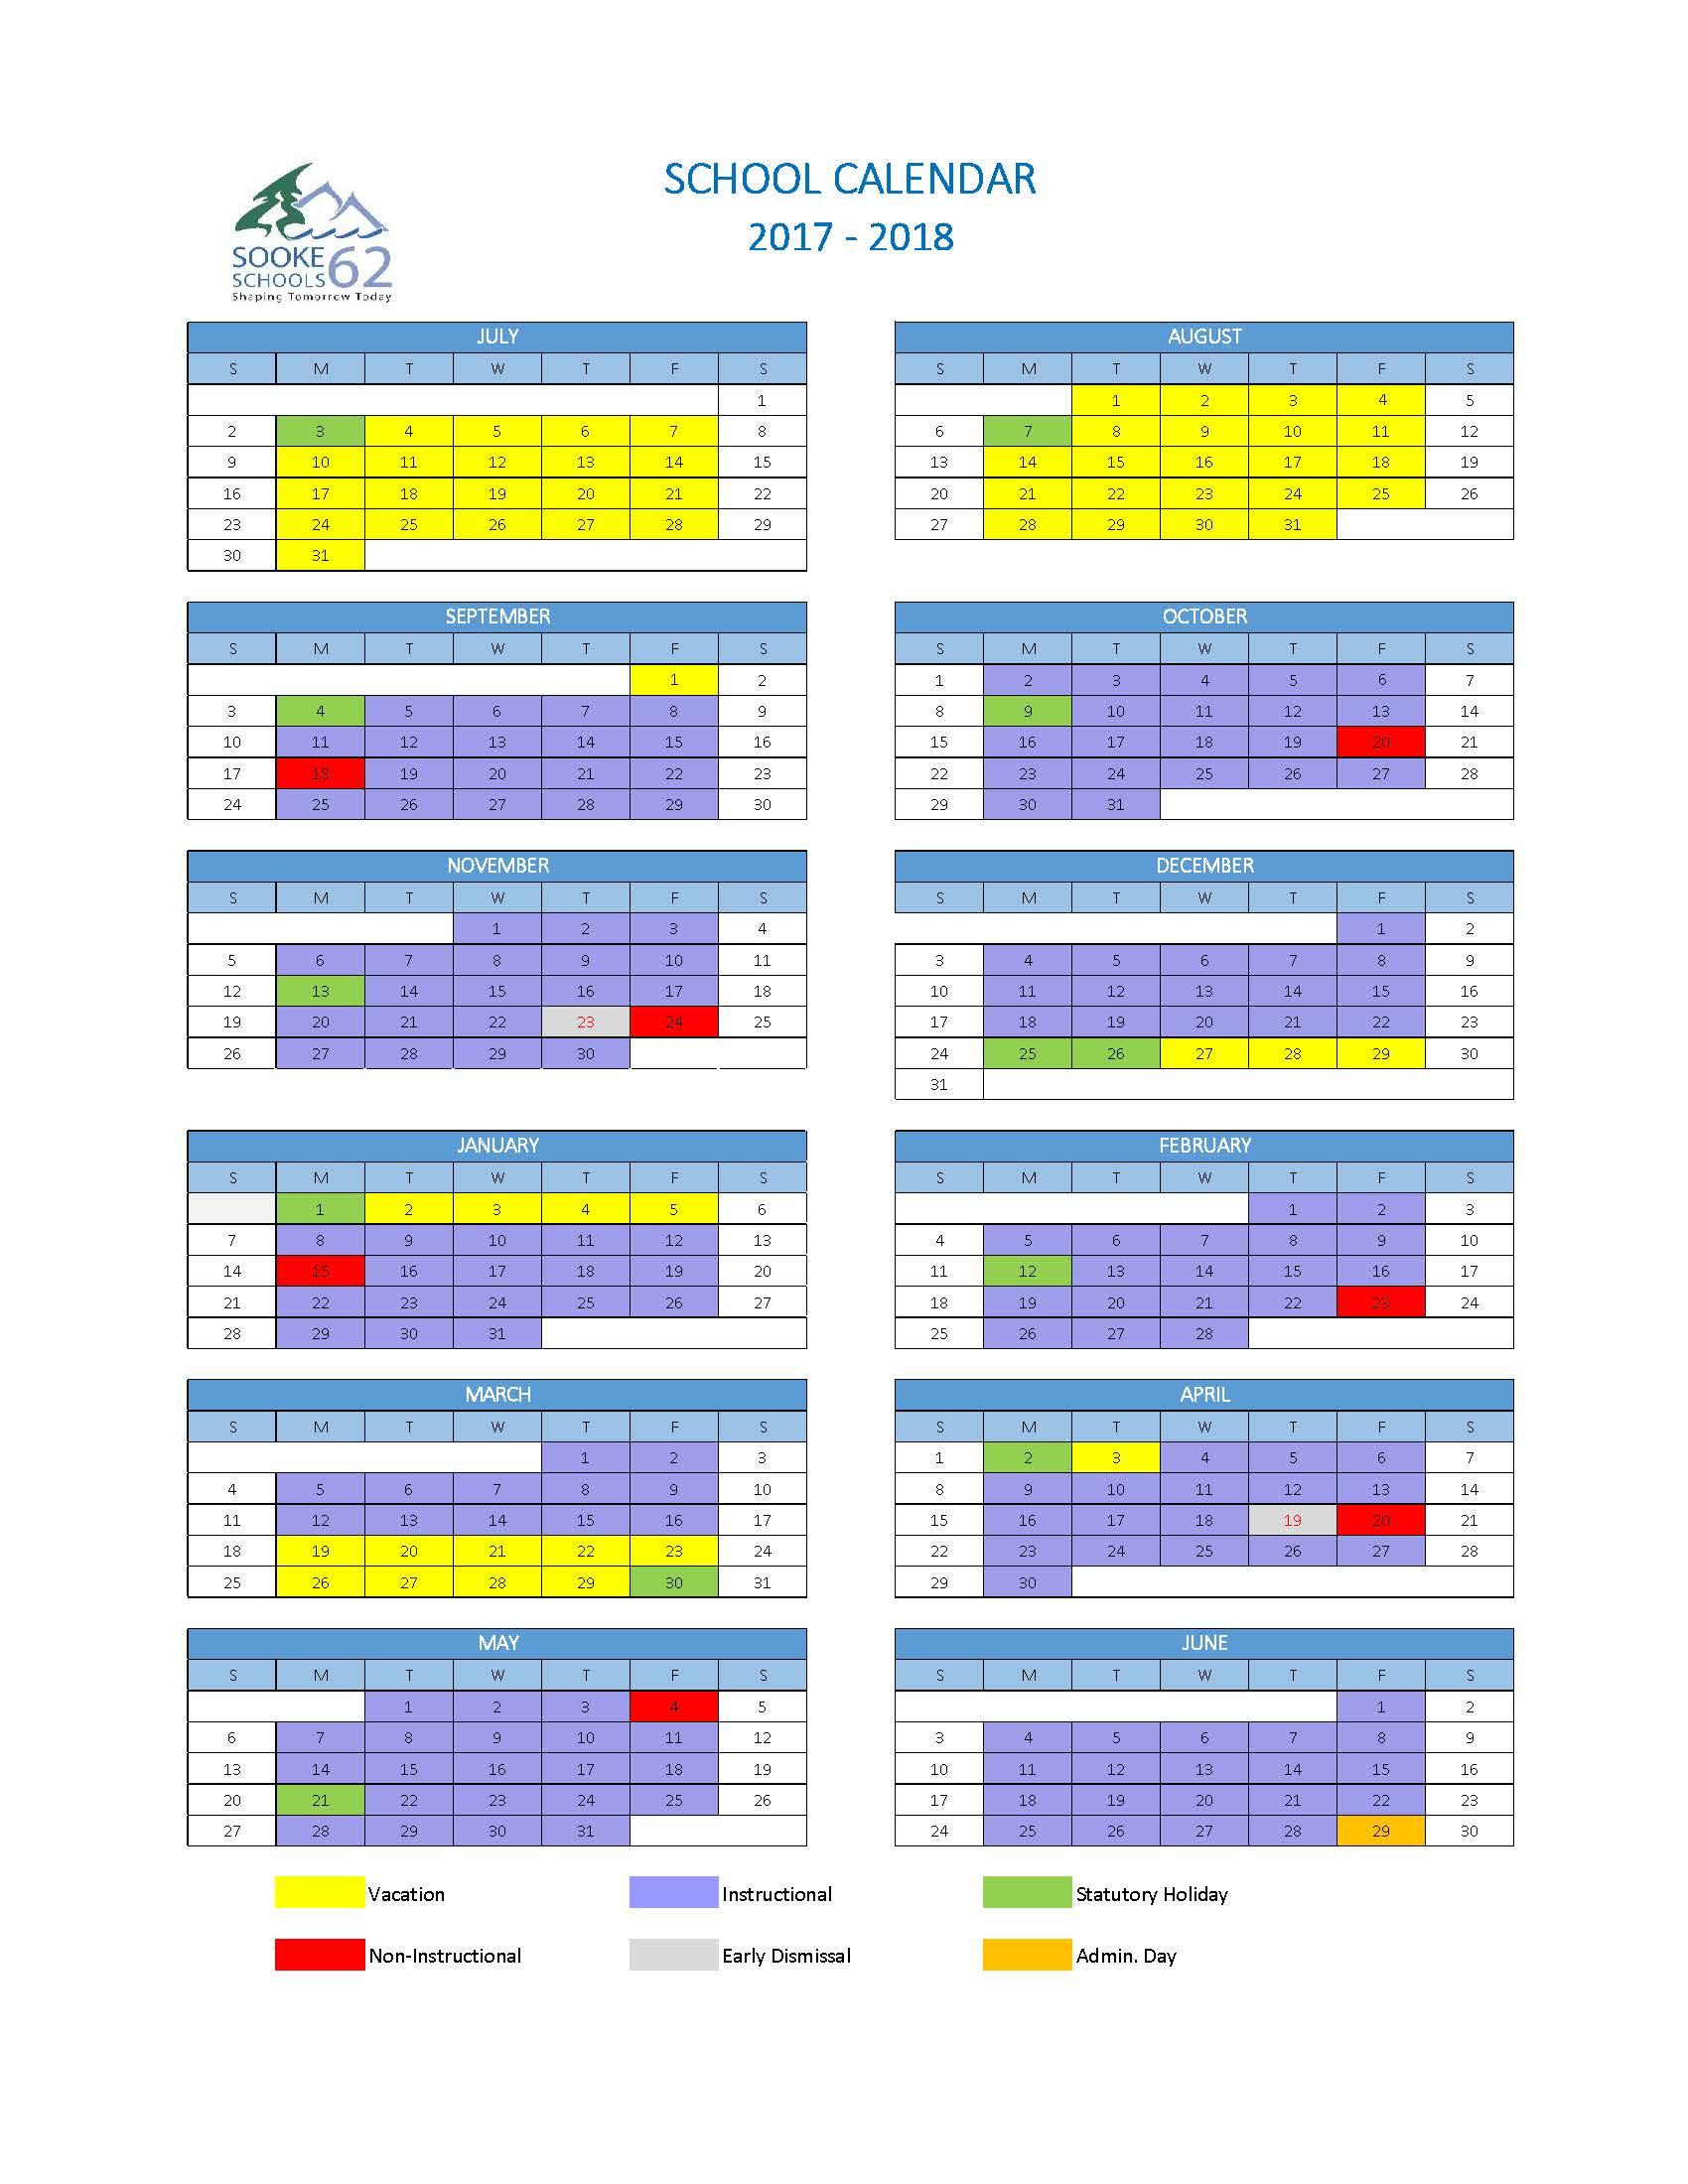 School Calendar 2017-18 Colour